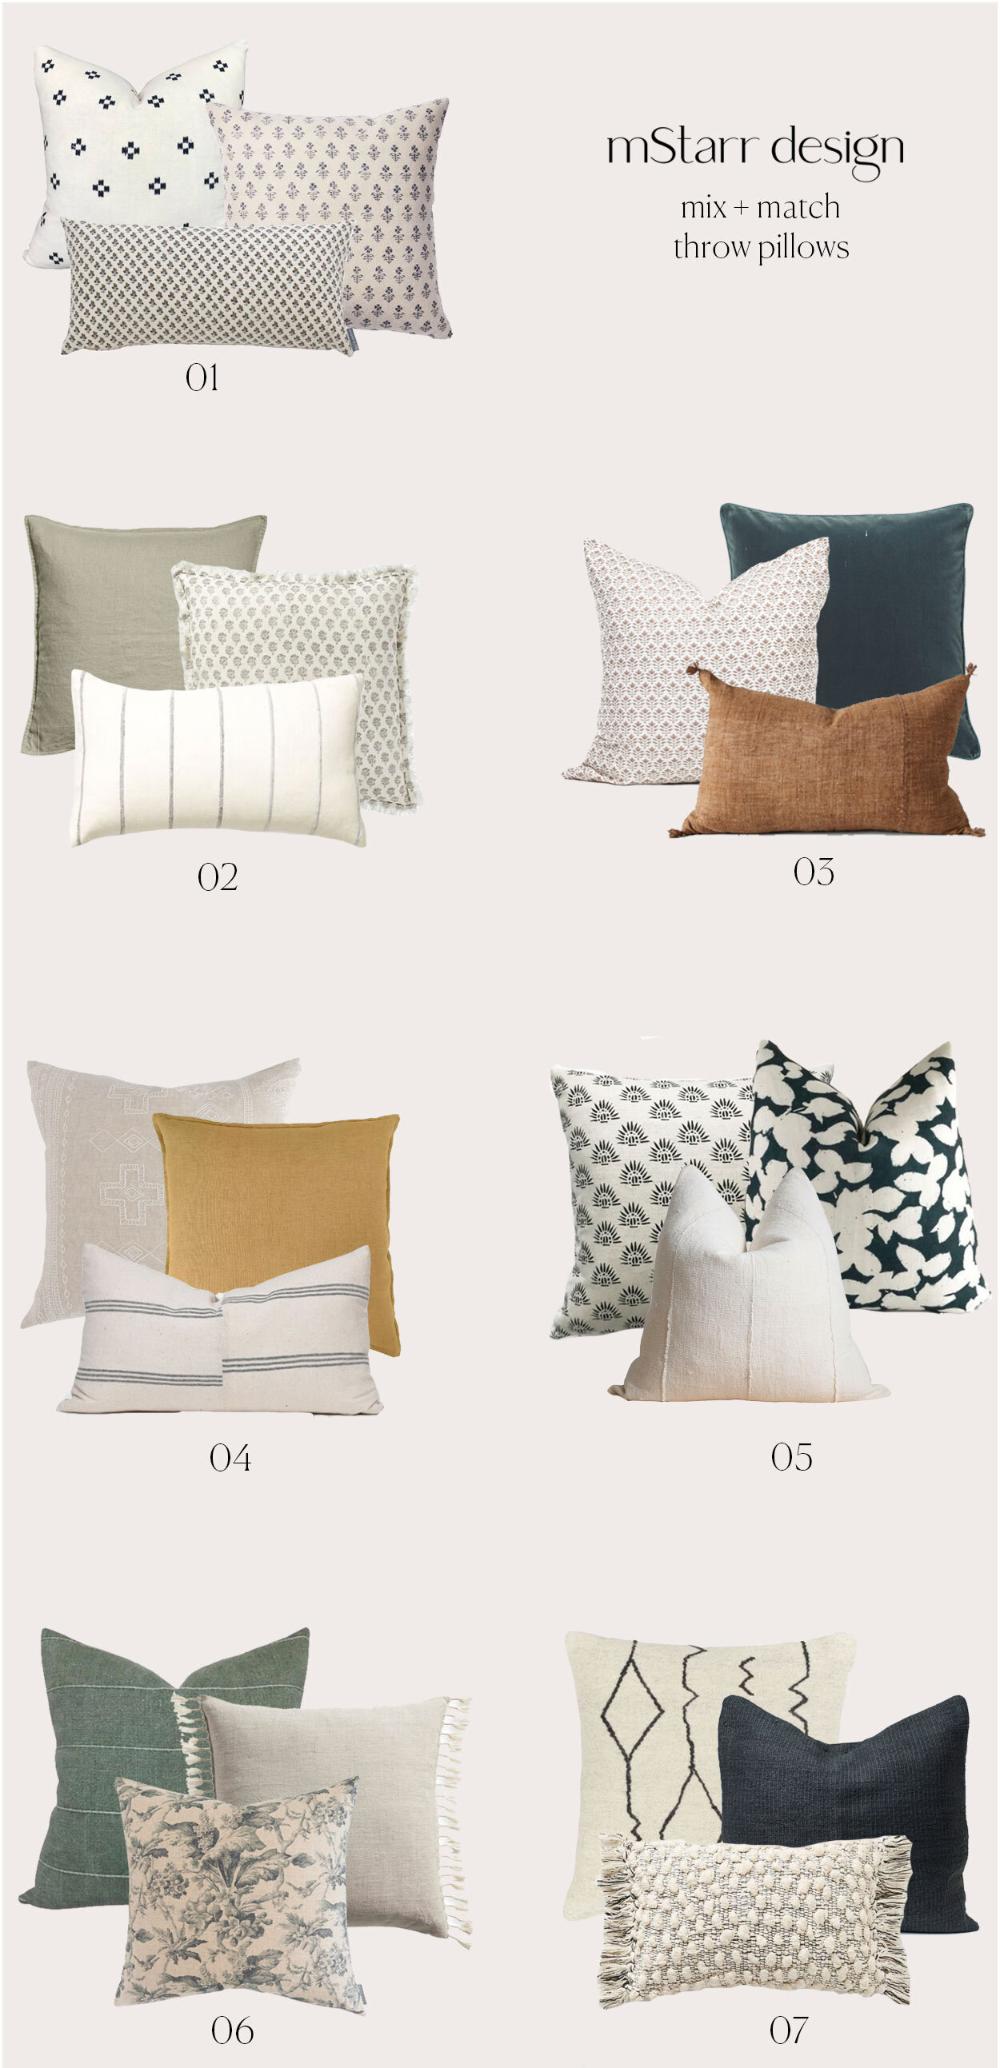 How To Mix Match Throw Pillows Mstarr Design Throw Pillows Living Room Living Room Pillows Throw Pillows Bedroom Throw pillows for bed decorating